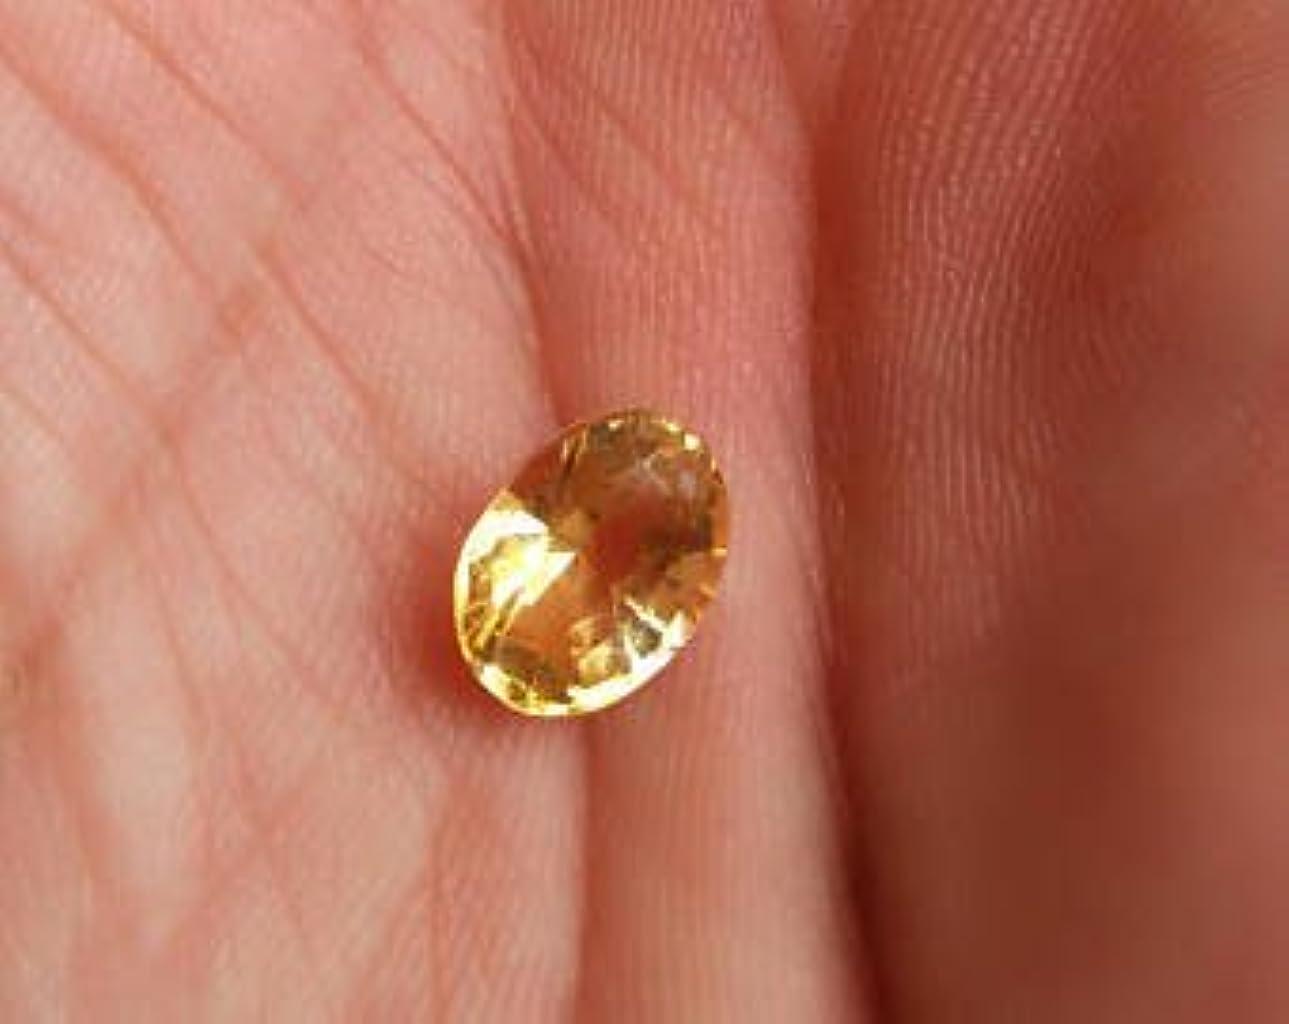 すみませんホテル恐怖シトリン石元認定天然sunehla宝石5.7カラットby gemselect